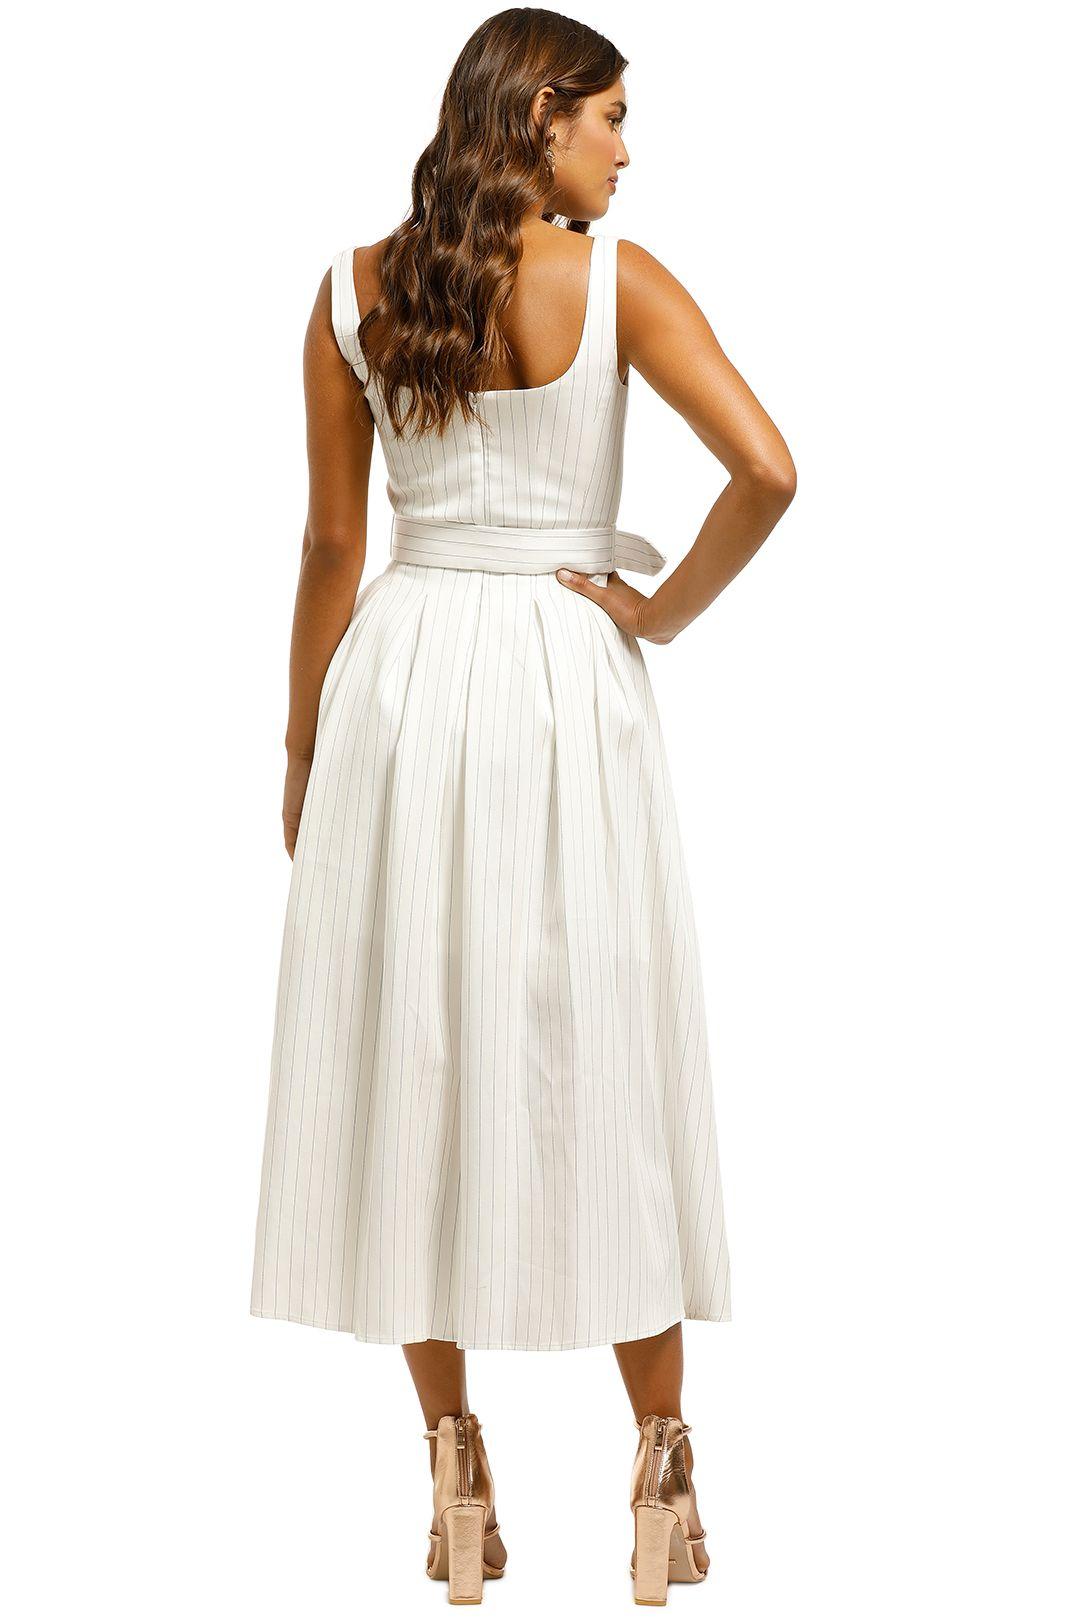 Misha-Karmella-Dress-Ivory-Back